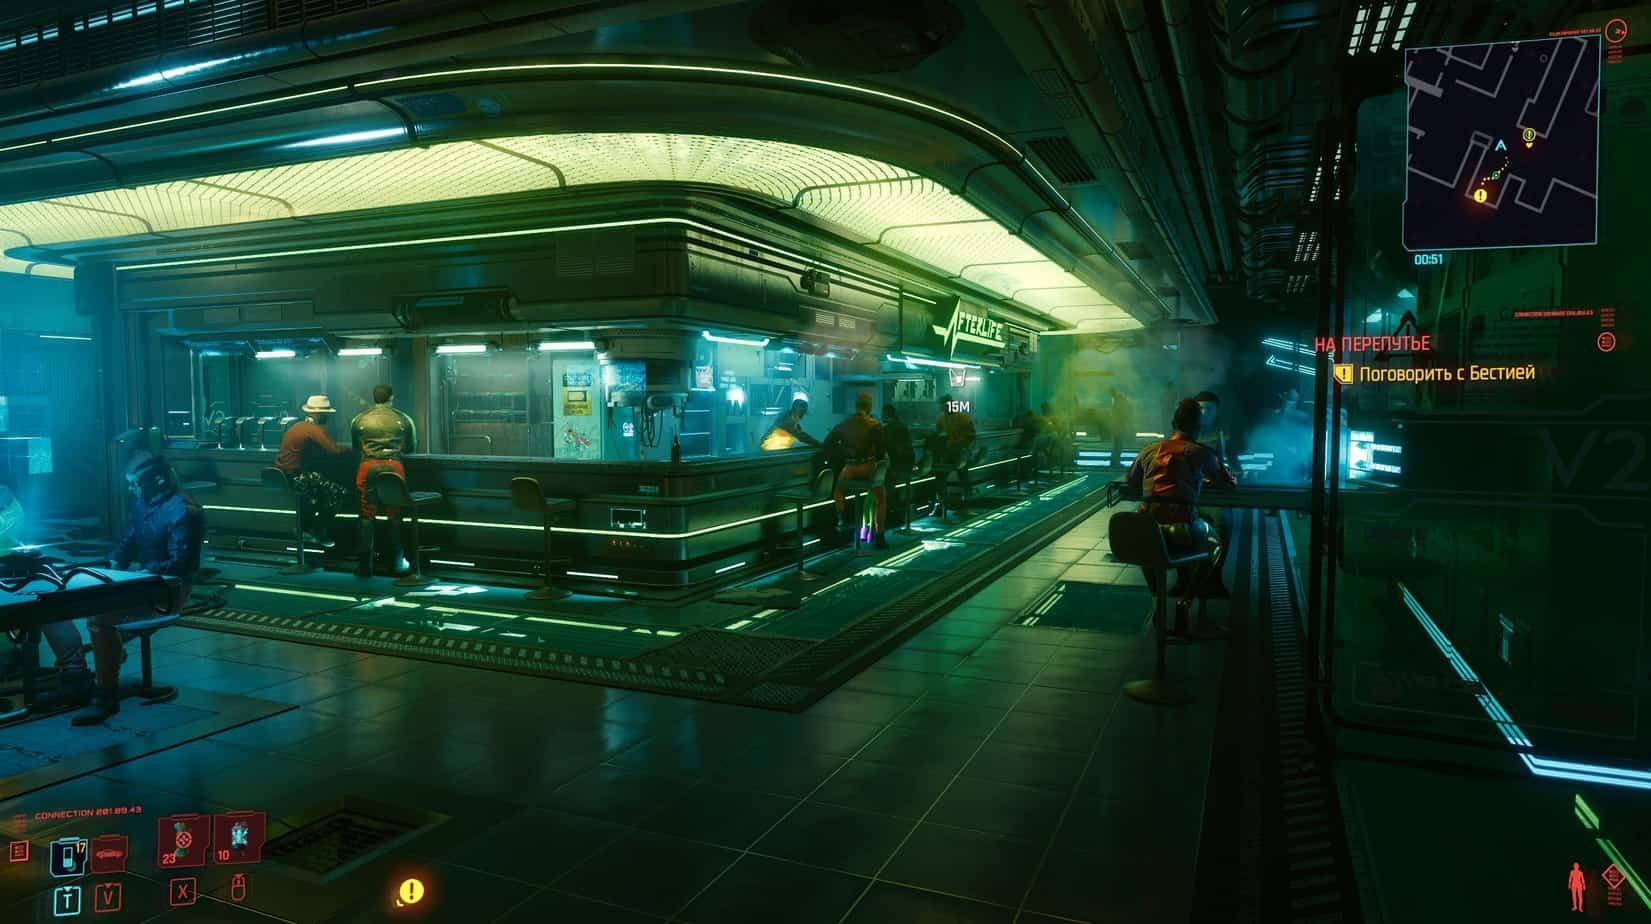 Cyberpunk 2077 настройки улучшенного освещения геометрии лиц